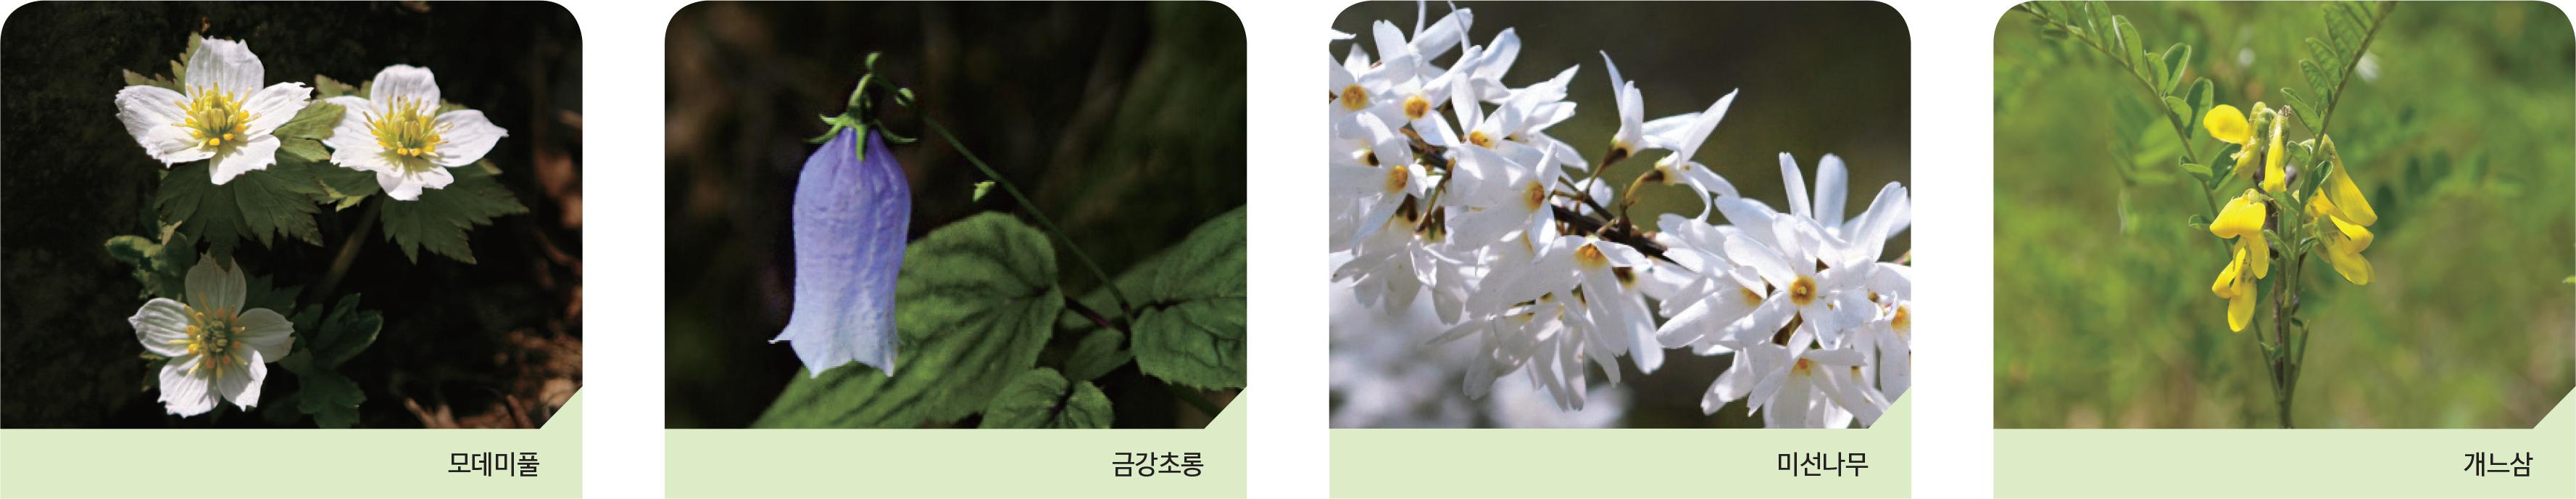 주요희귀식물